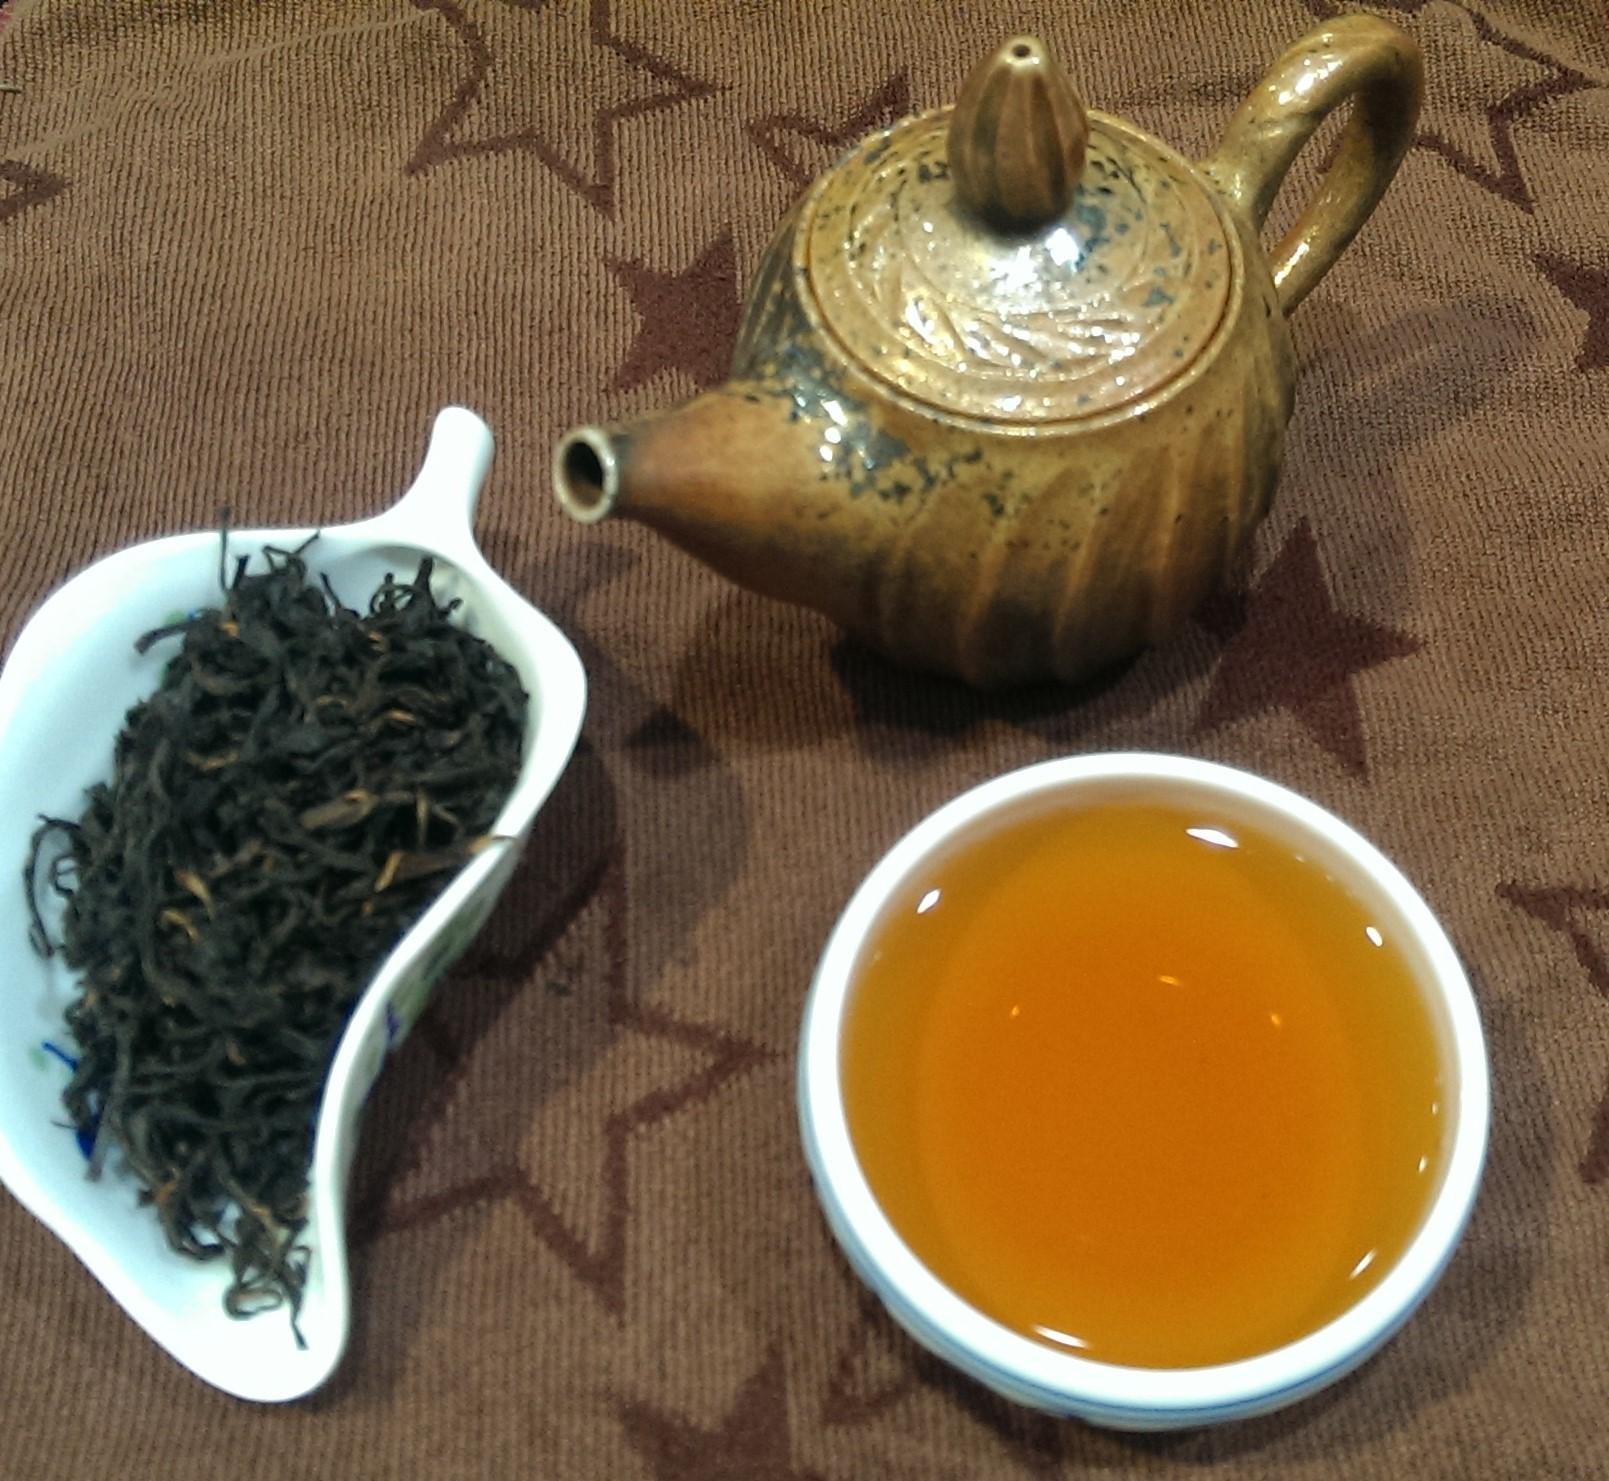 2梨山頂級紅茶